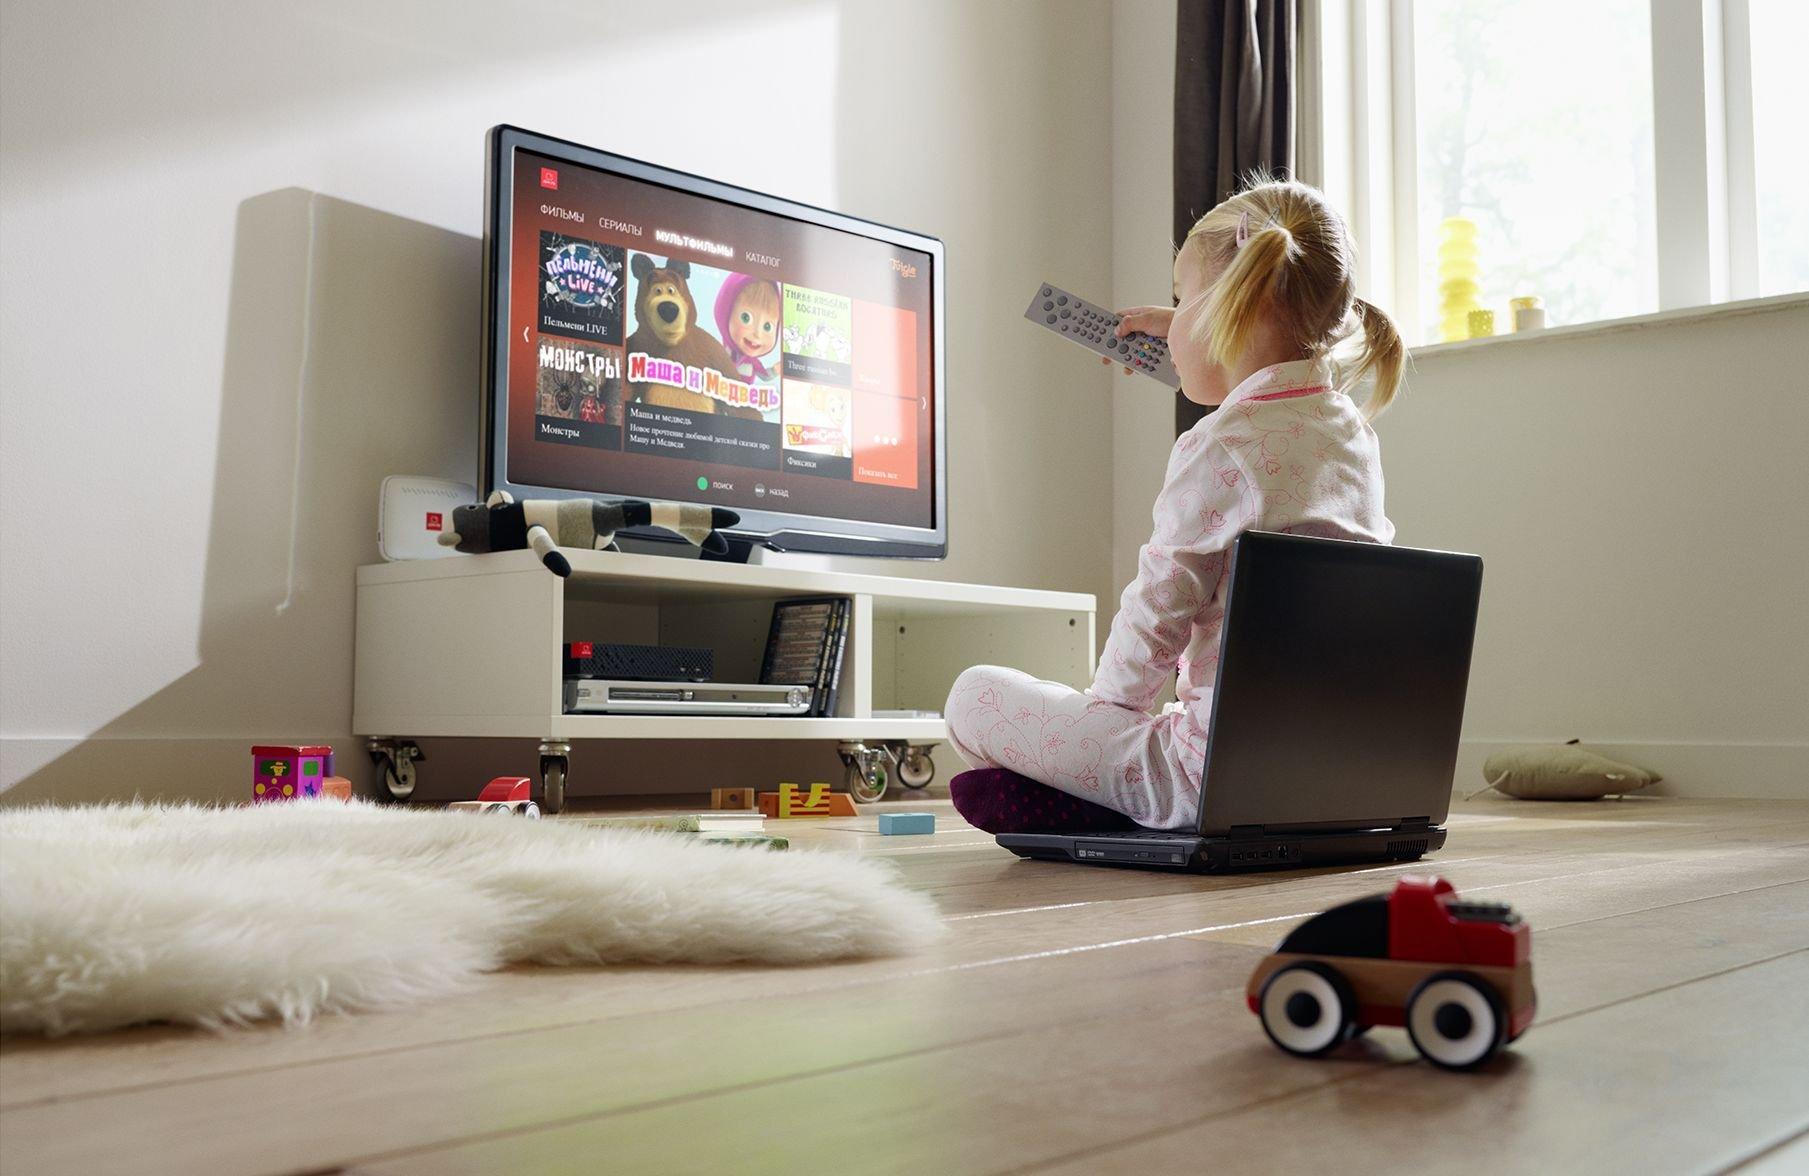 Со скольки лет ребенку можно смотреть телевизор?